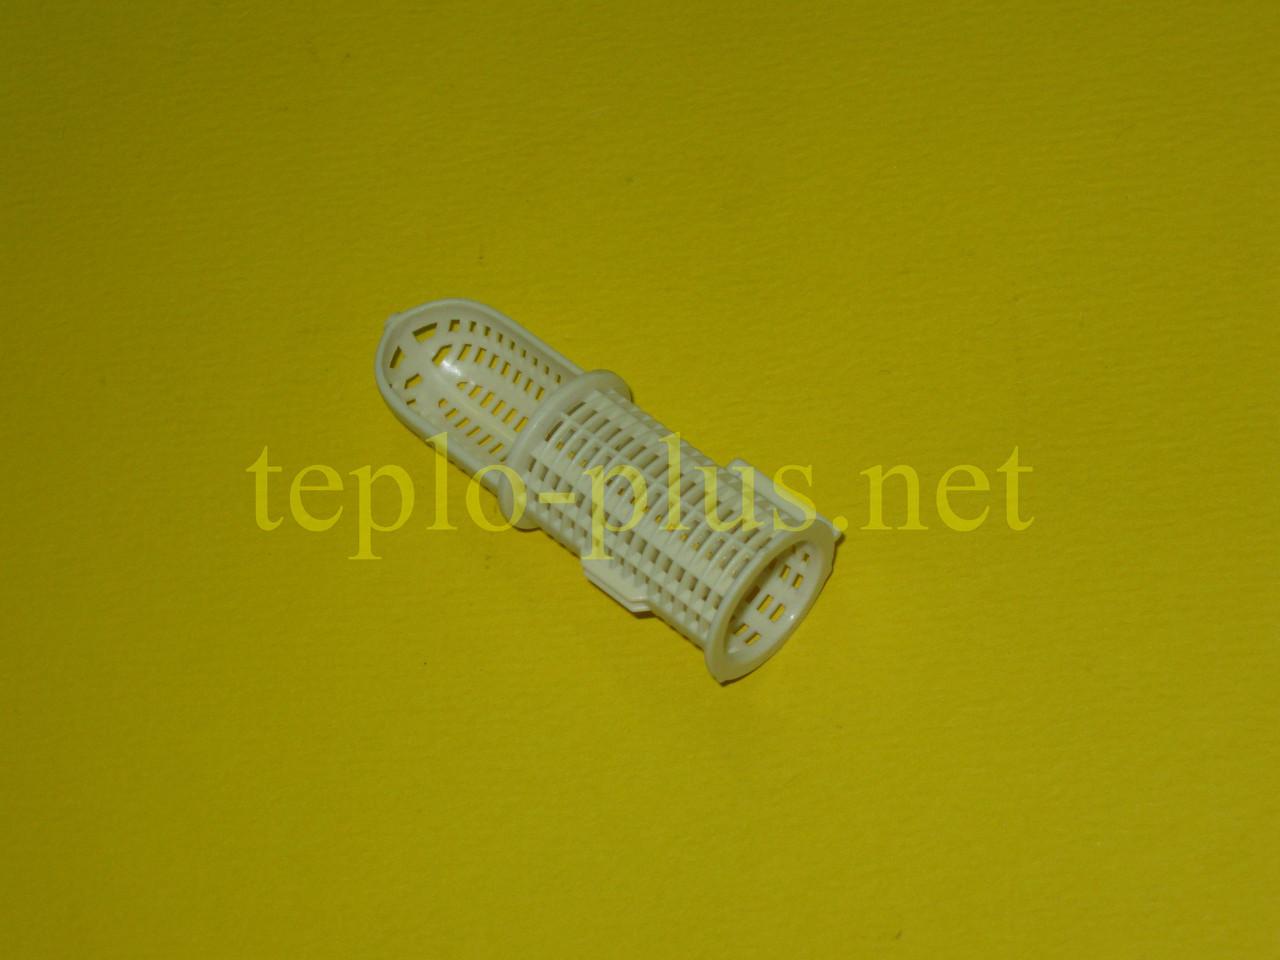 Фильтр 179030 Vaillant atmoTEC Pro / Plus, turboTEC Pro / Plus, ecoTEC Pro / Plus